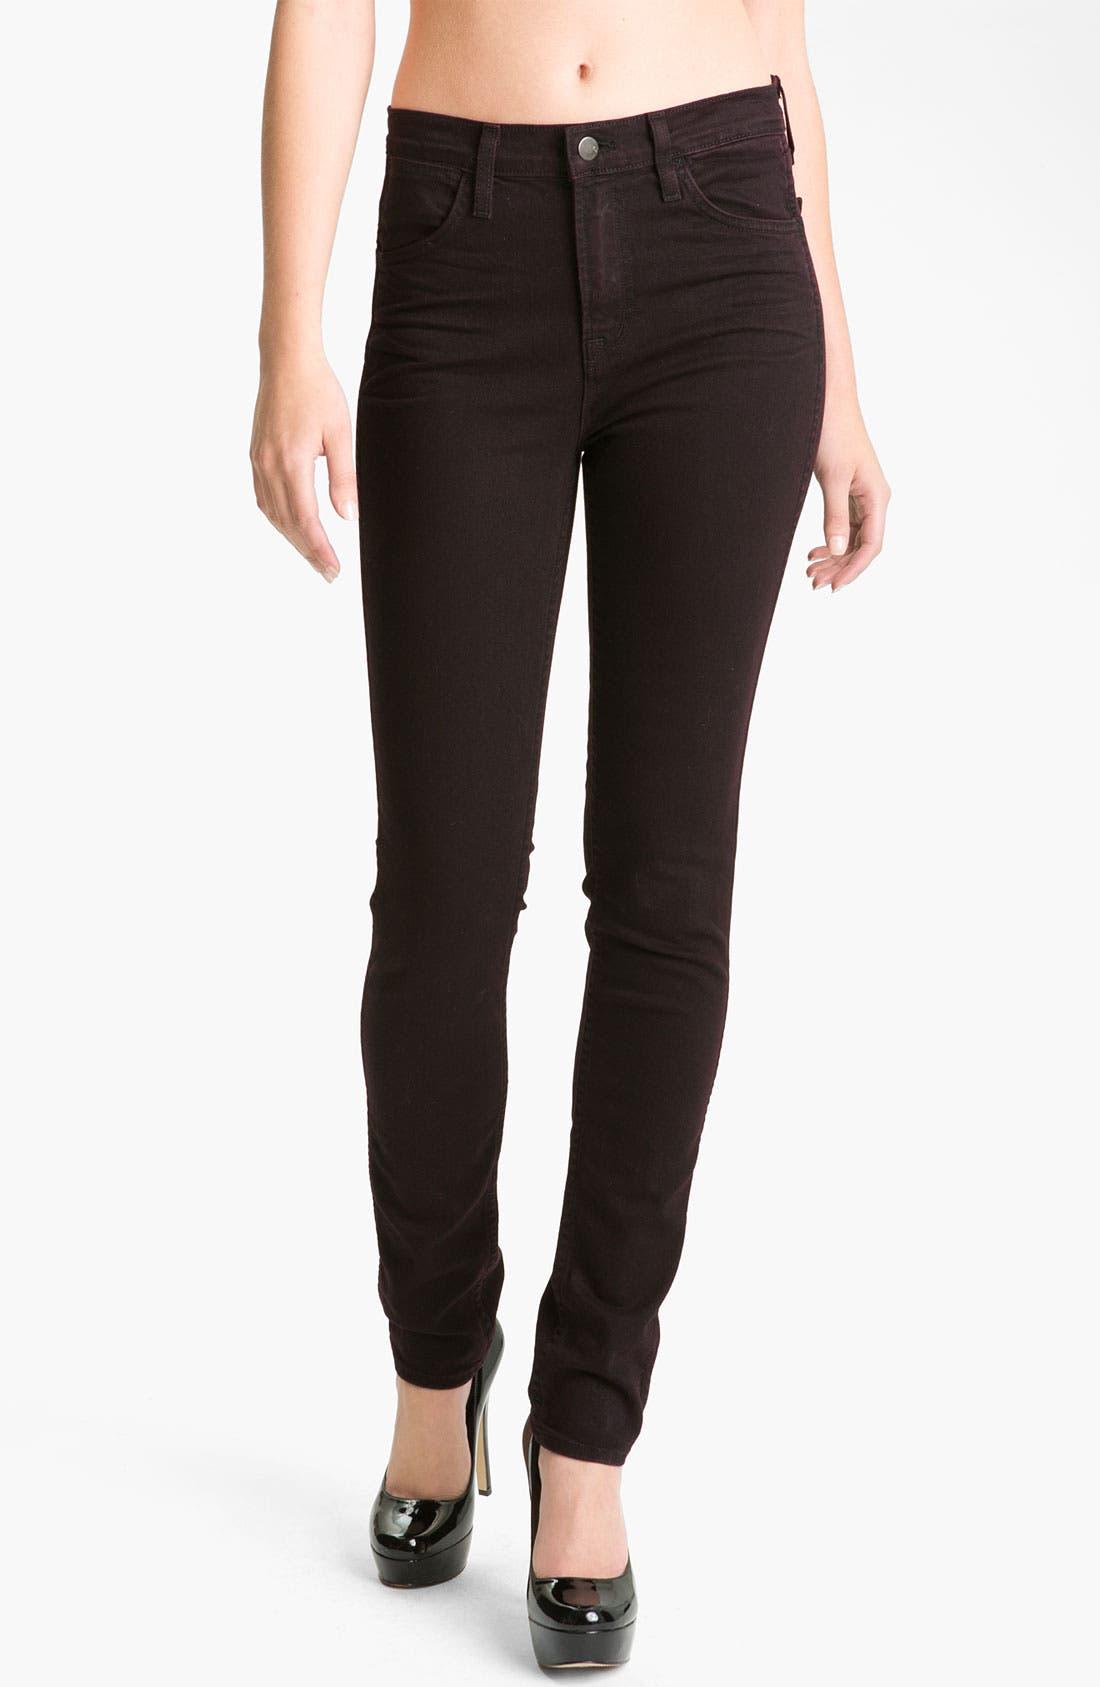 Main Image - J Brand 'Sasha' High Rise Skinny Jeans (Noir Red)